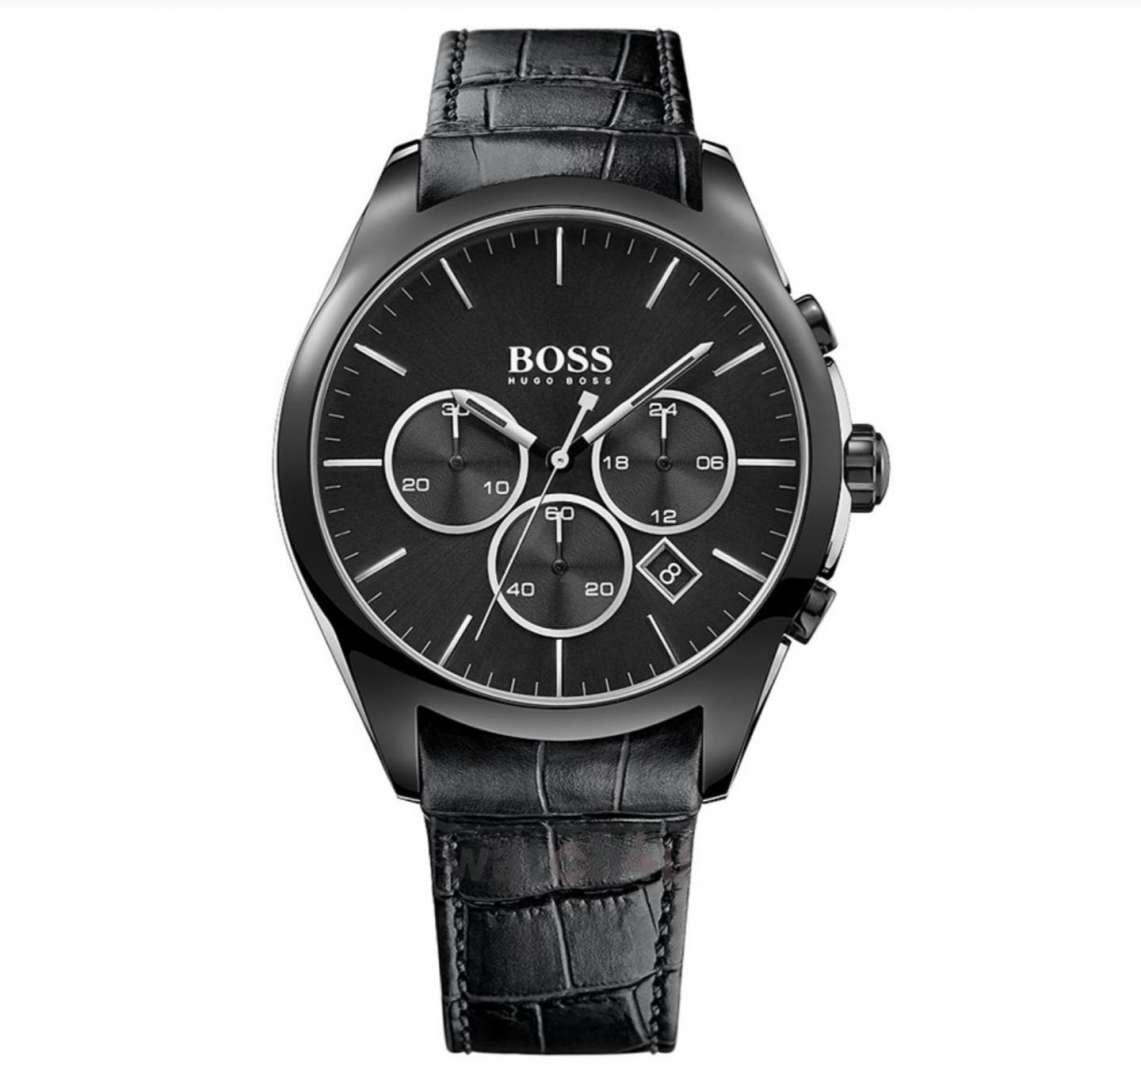 שעון יד אנלוגי hugo boss 1513367 הוגו בוס